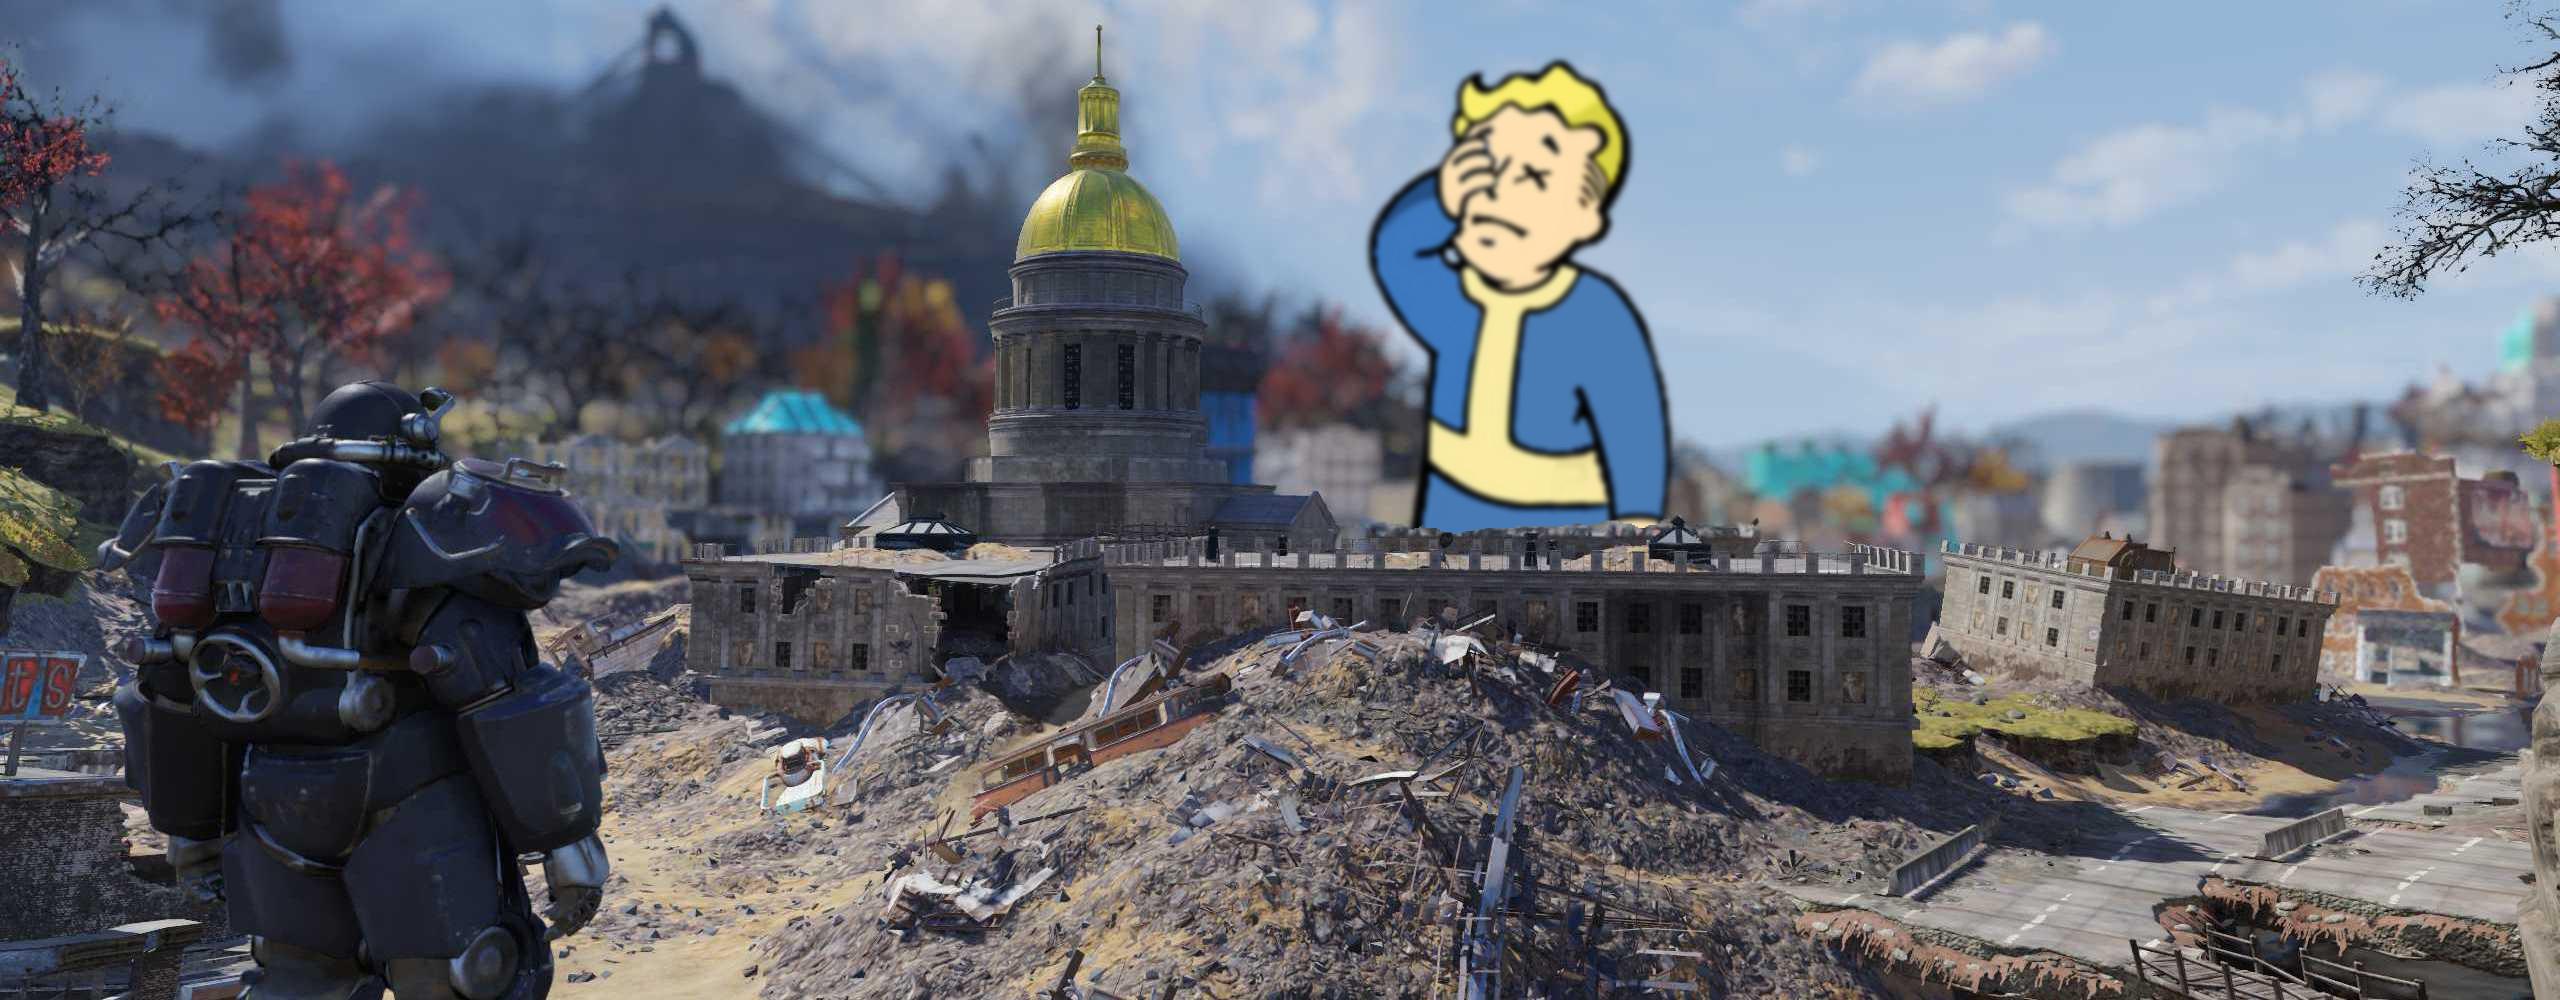 Fallout 76 – Bethesda sagt zur Daten-Panne: Nicht ganz so schlimm